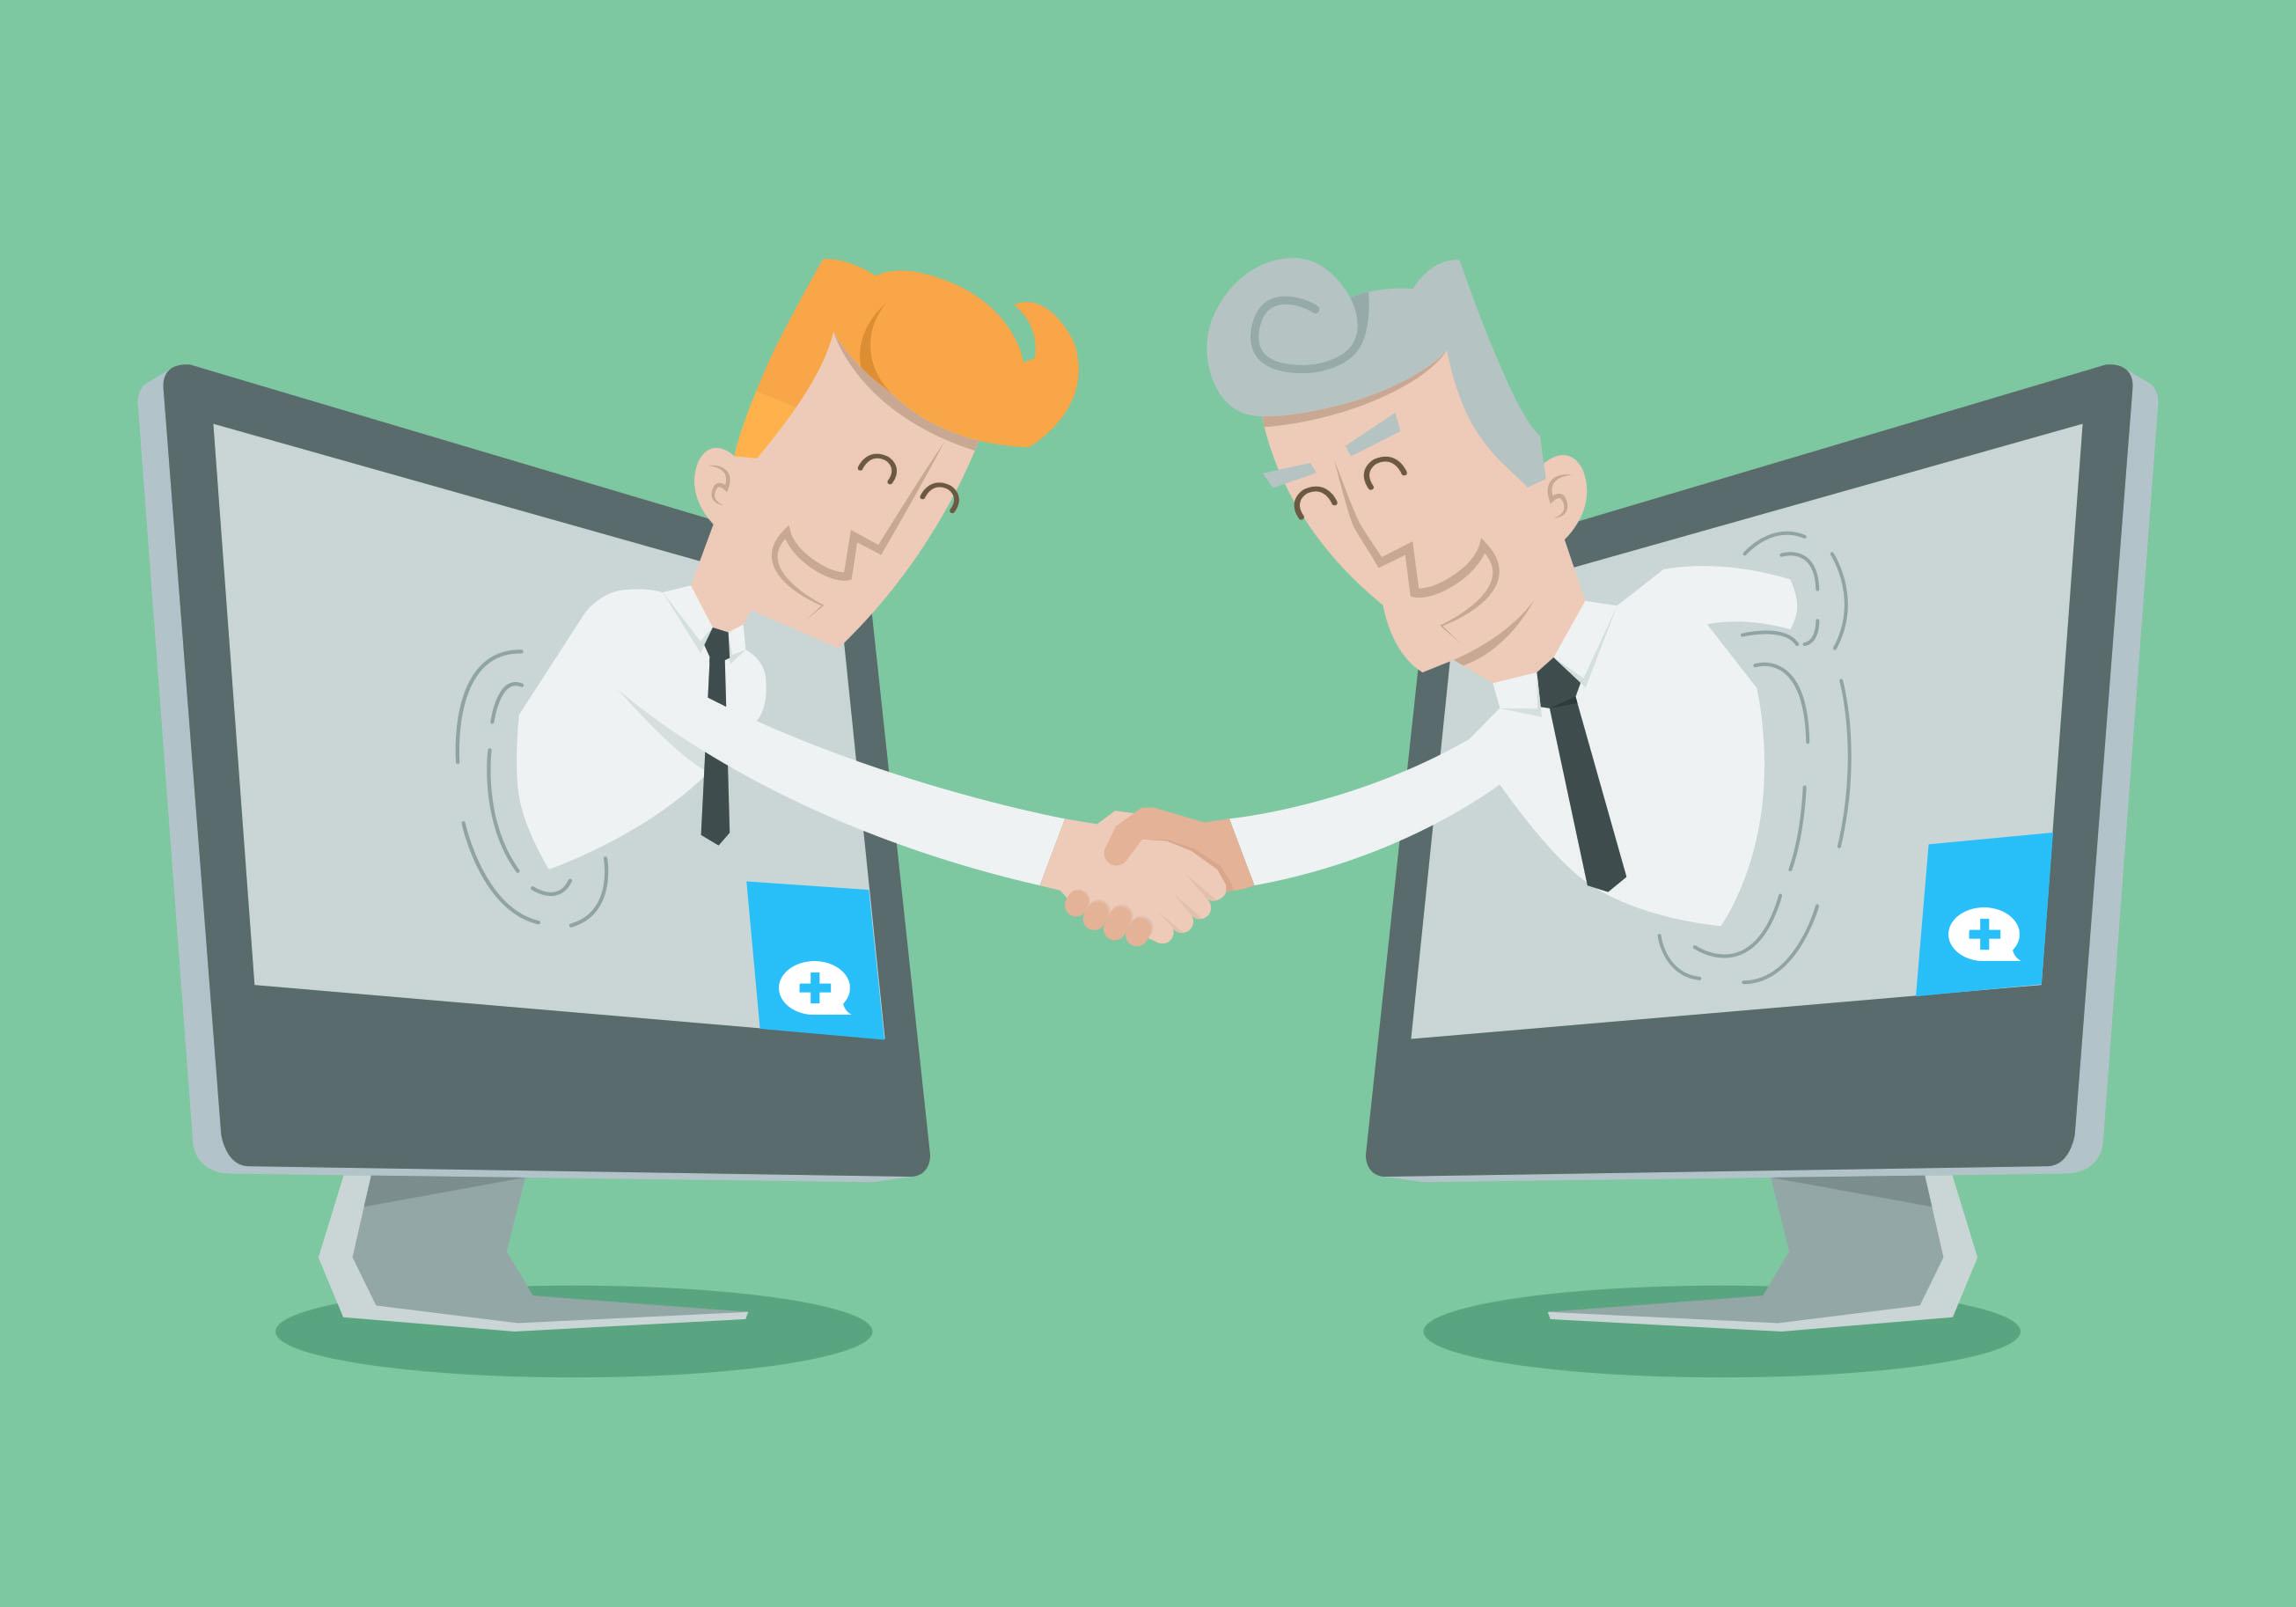 Mở rộng tập khách hàng trung thành qua việc chủ động tương tác để thấu hiểu.